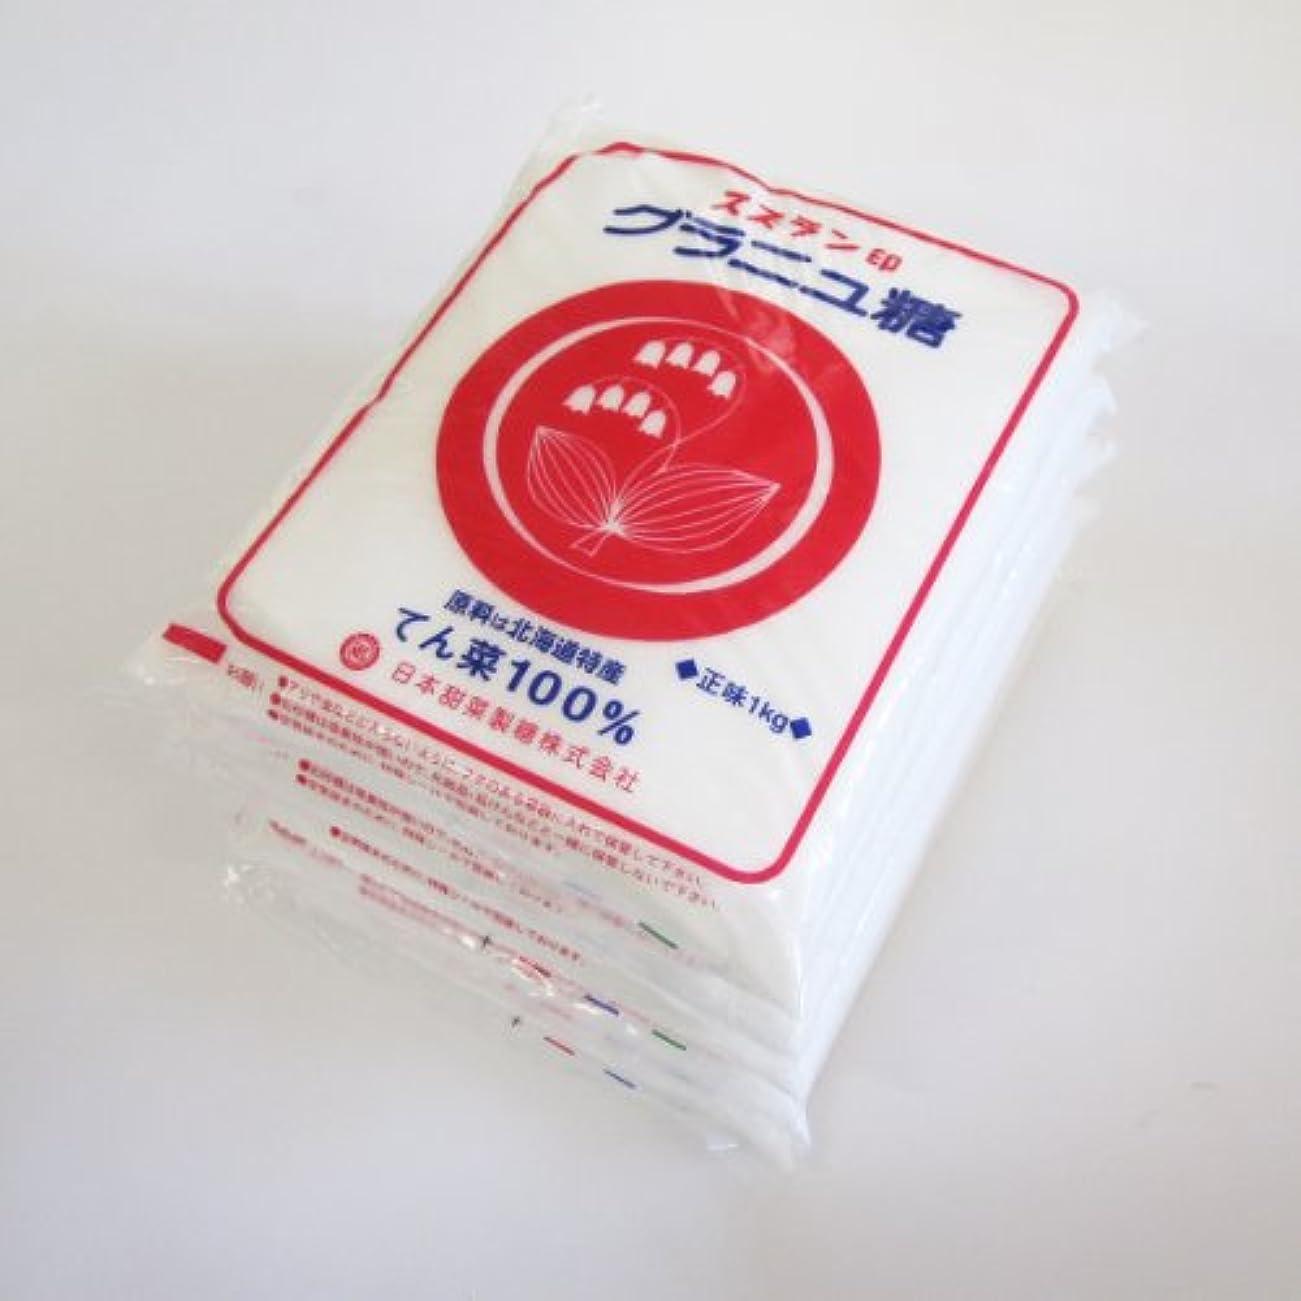 オレンジ民間コジオスコスズラン印 グラニュー糖 (てんさい糖) 5kg 【北海道産ビート100%】